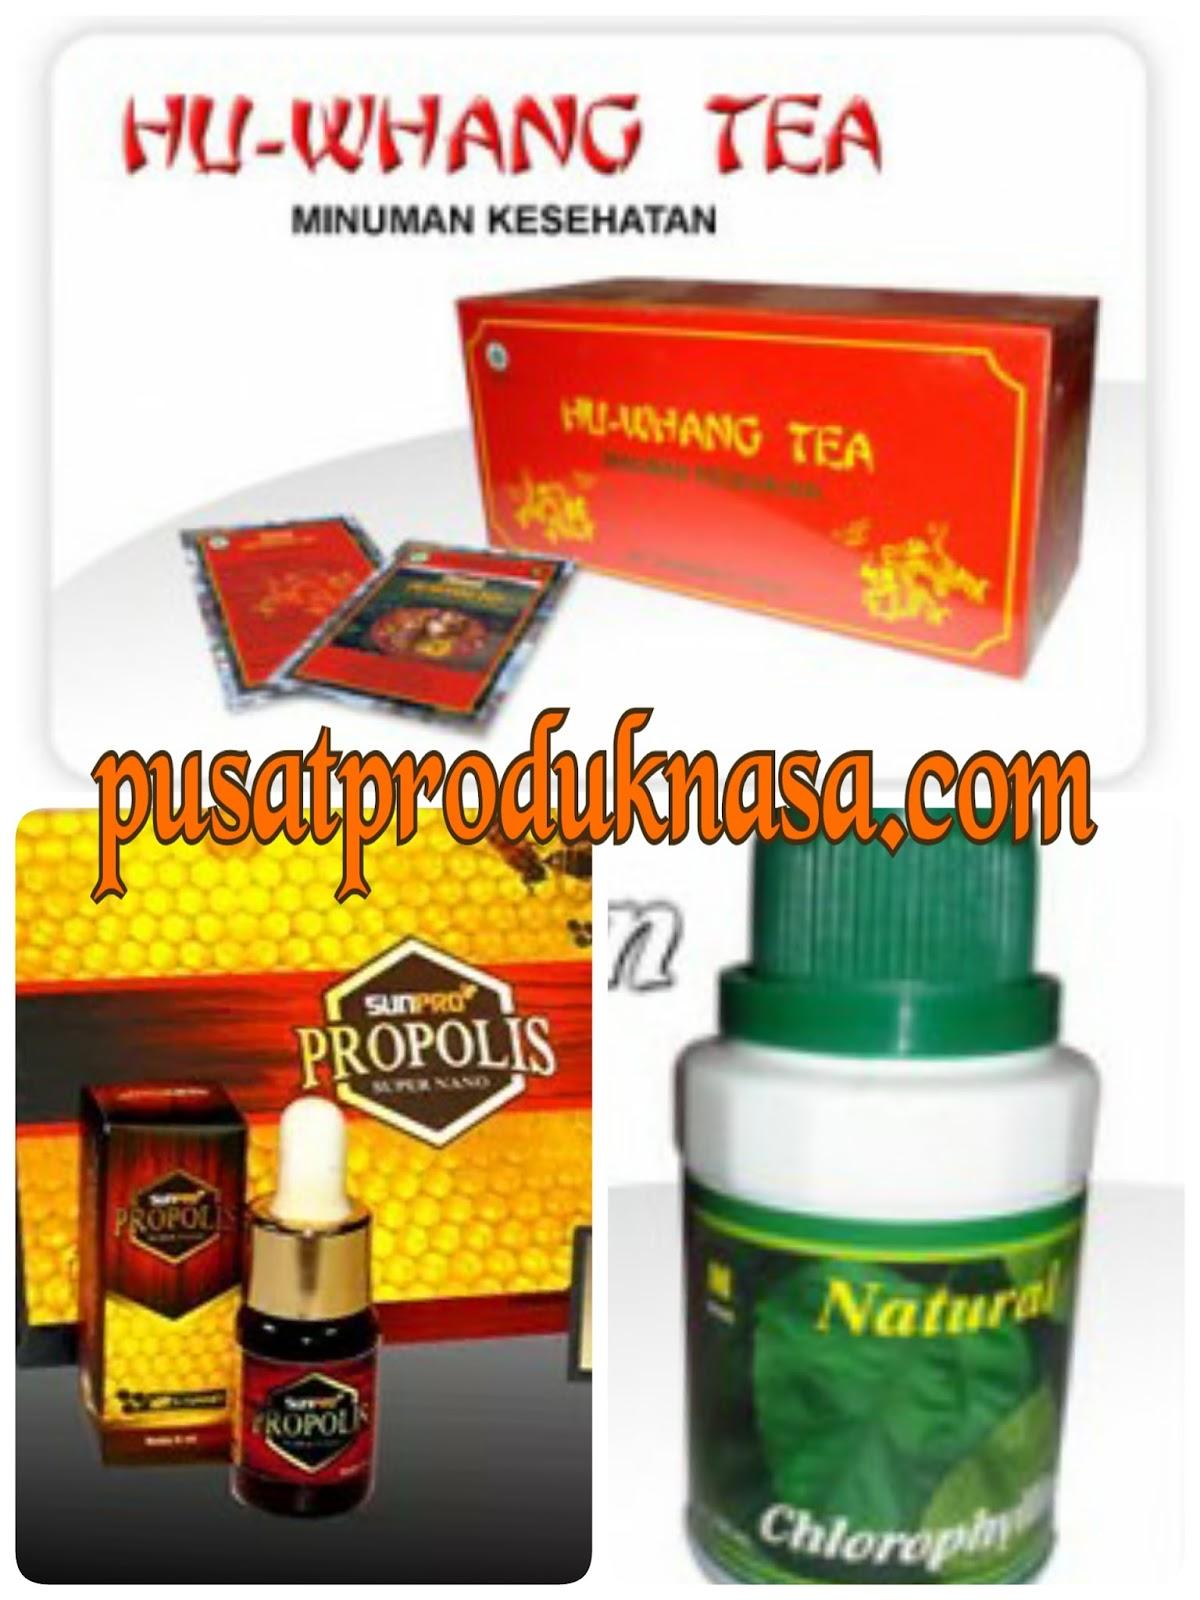 Obat Infeksi Saluran Kemih Sunpro Super Nano Propolis Nasa Paket Herbal Untuk Kencing Terdiri Dari Lecithin Chlorophylin Huwang Tea Dan